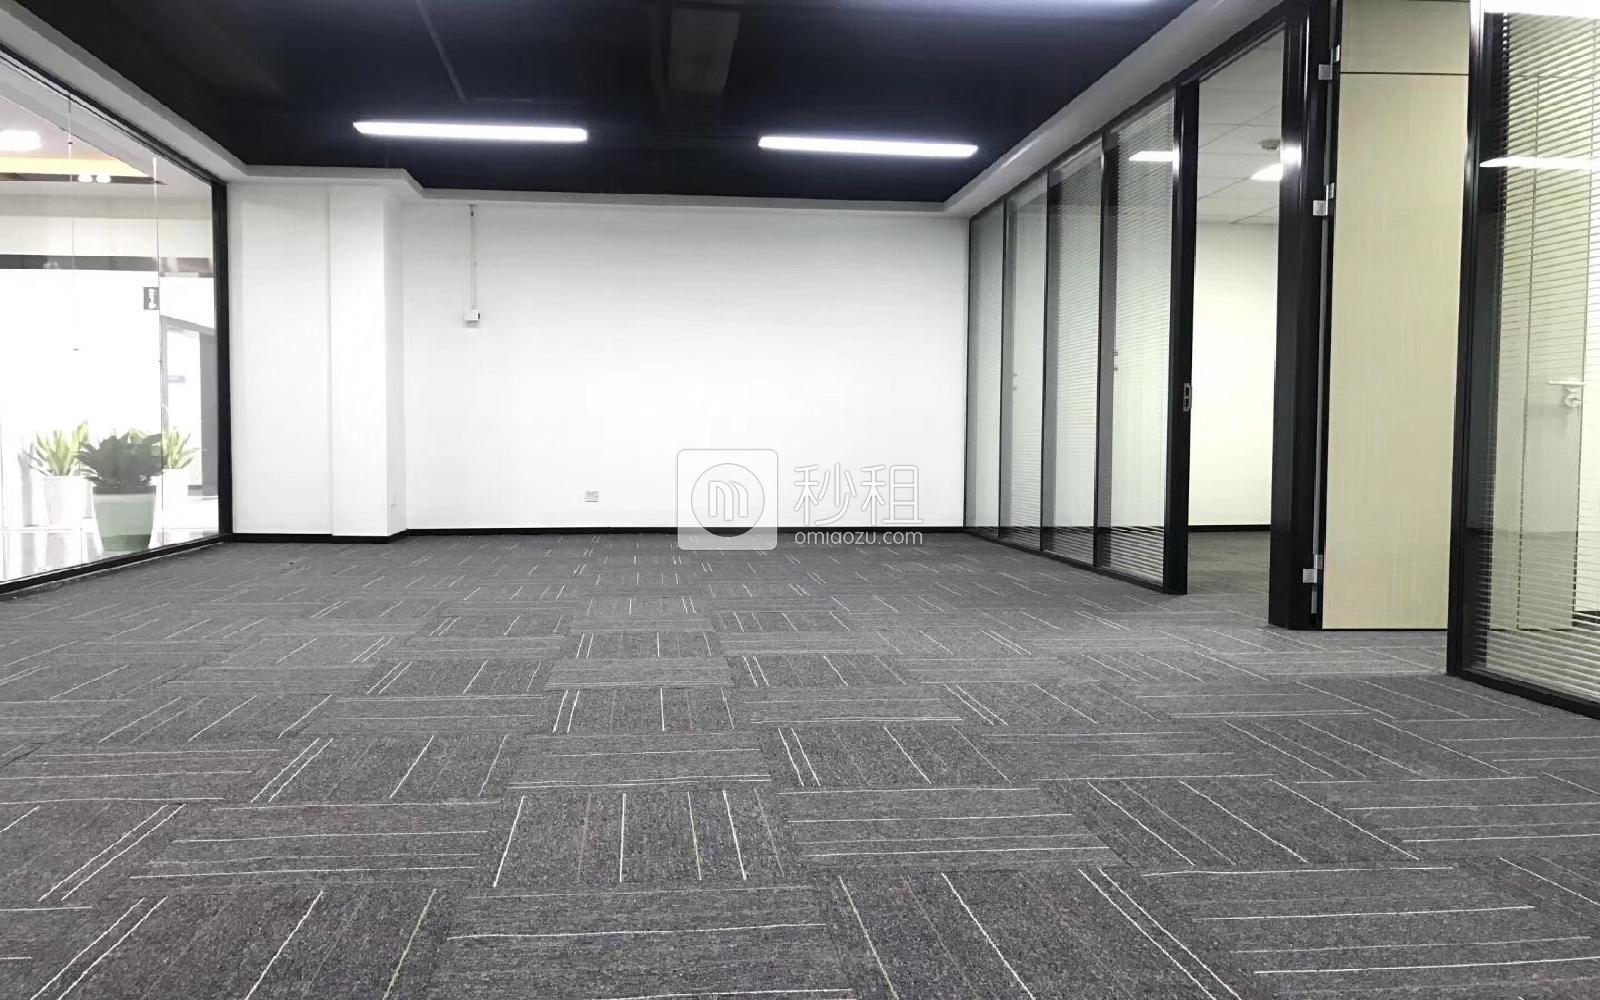 南山-科技园 虚拟大学园 216m²